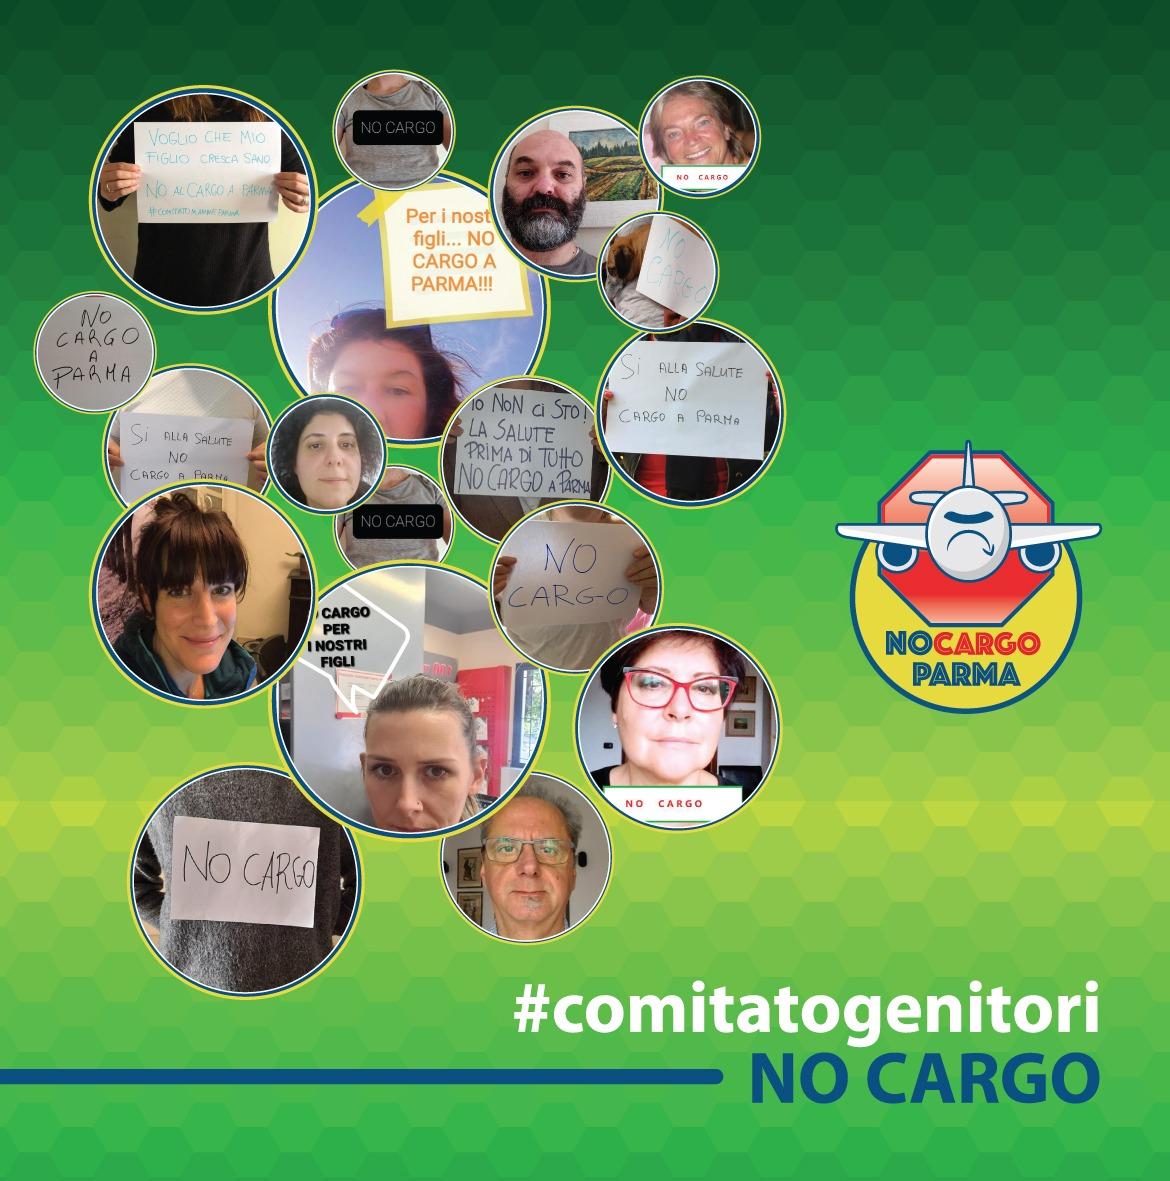 No Cargo, le famiglie che dicono NO all'aeroporto di Parma